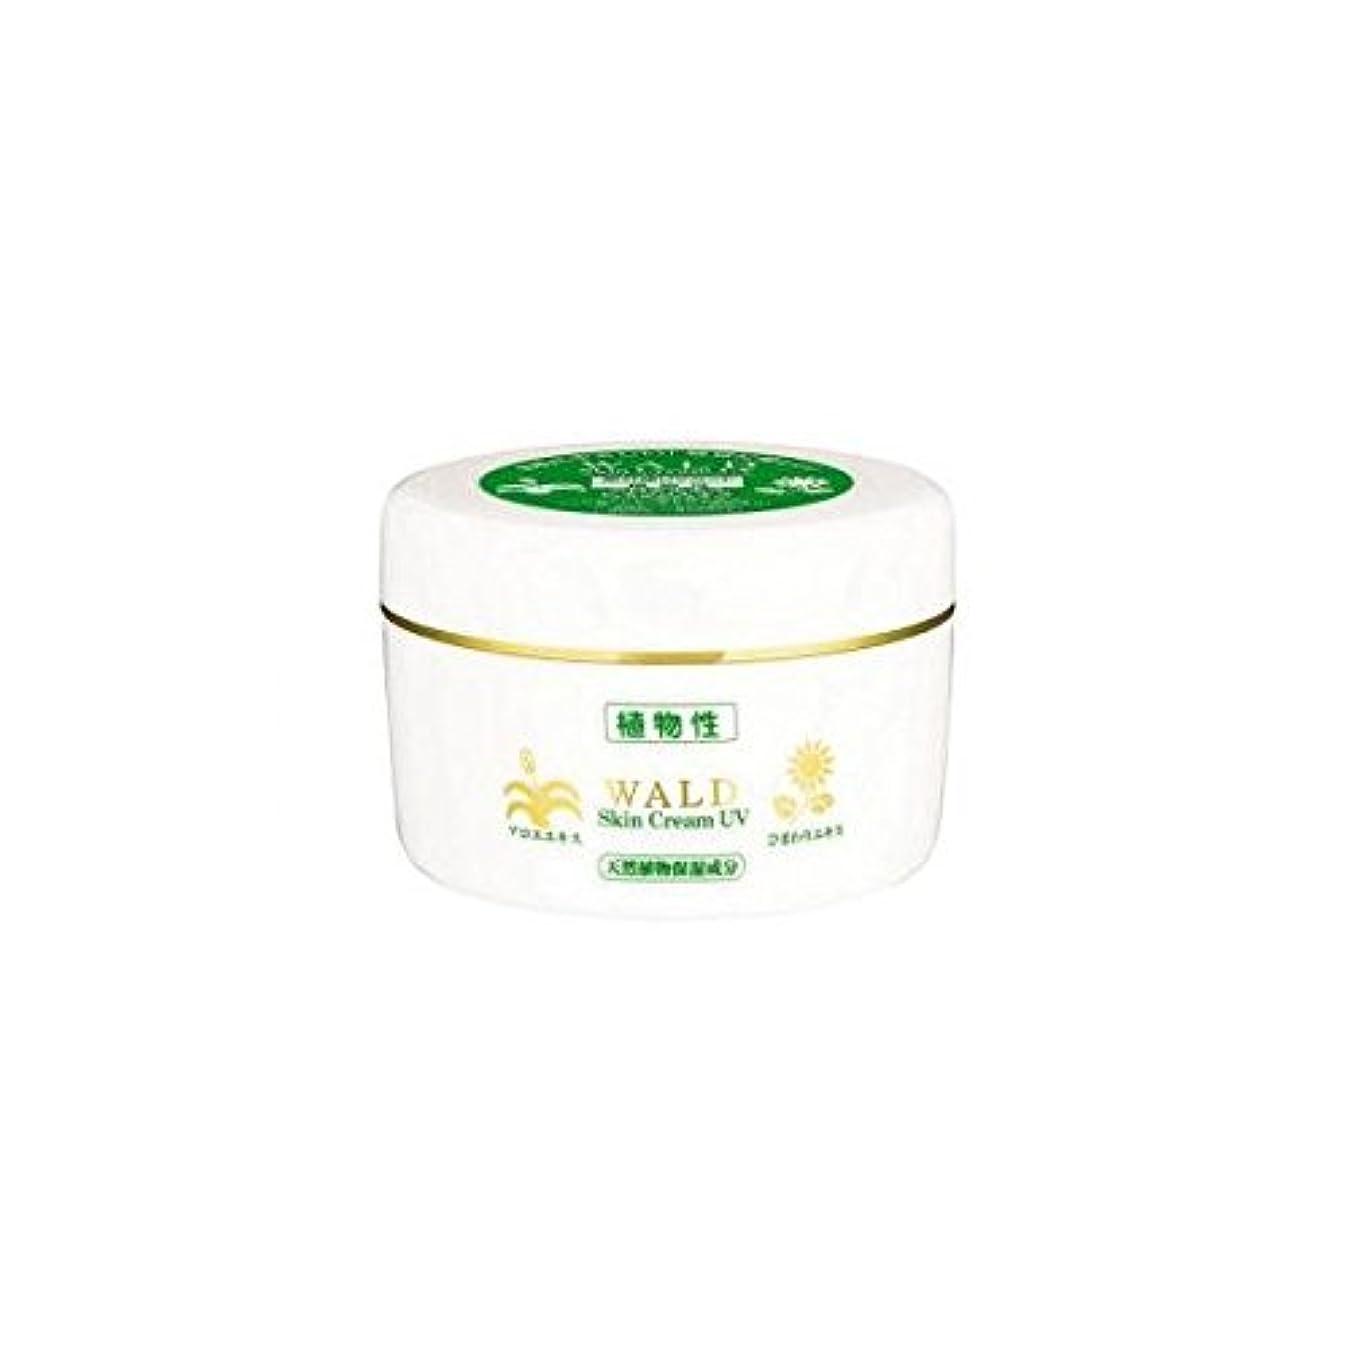 カセットブラウズ麻痺させる新 ヴァルトスキンクリーム UV (WALD Skin Cream UV) 220g (1)